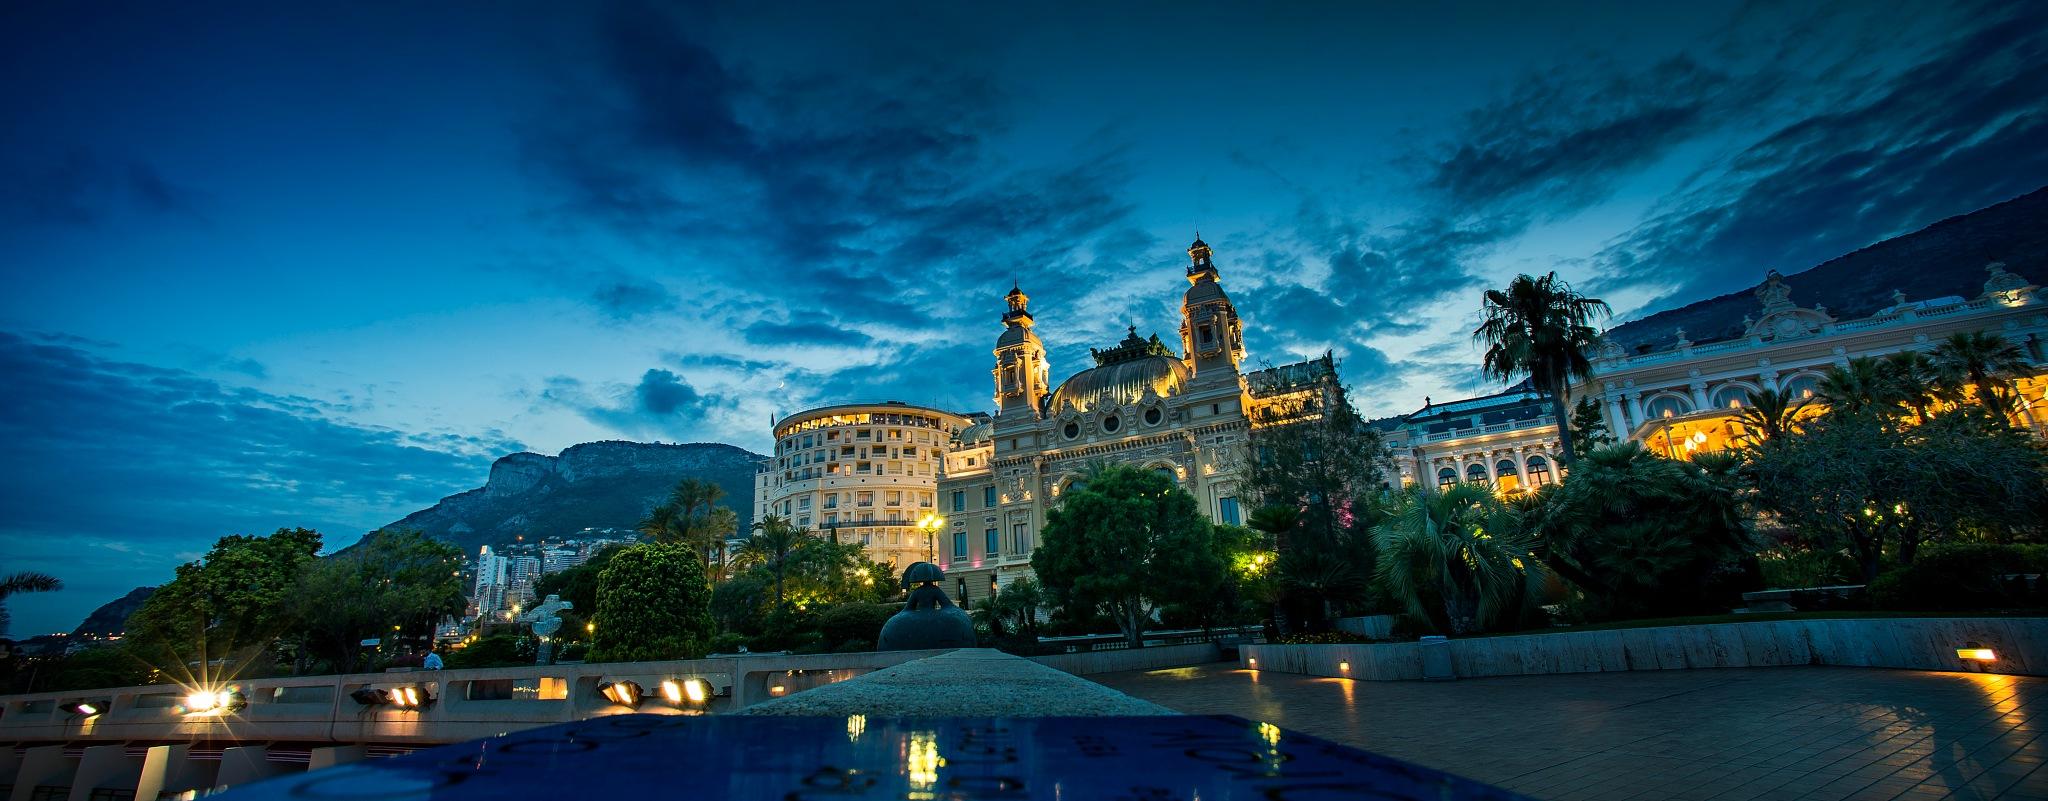 Monte-Carlo by Al (Alexander)